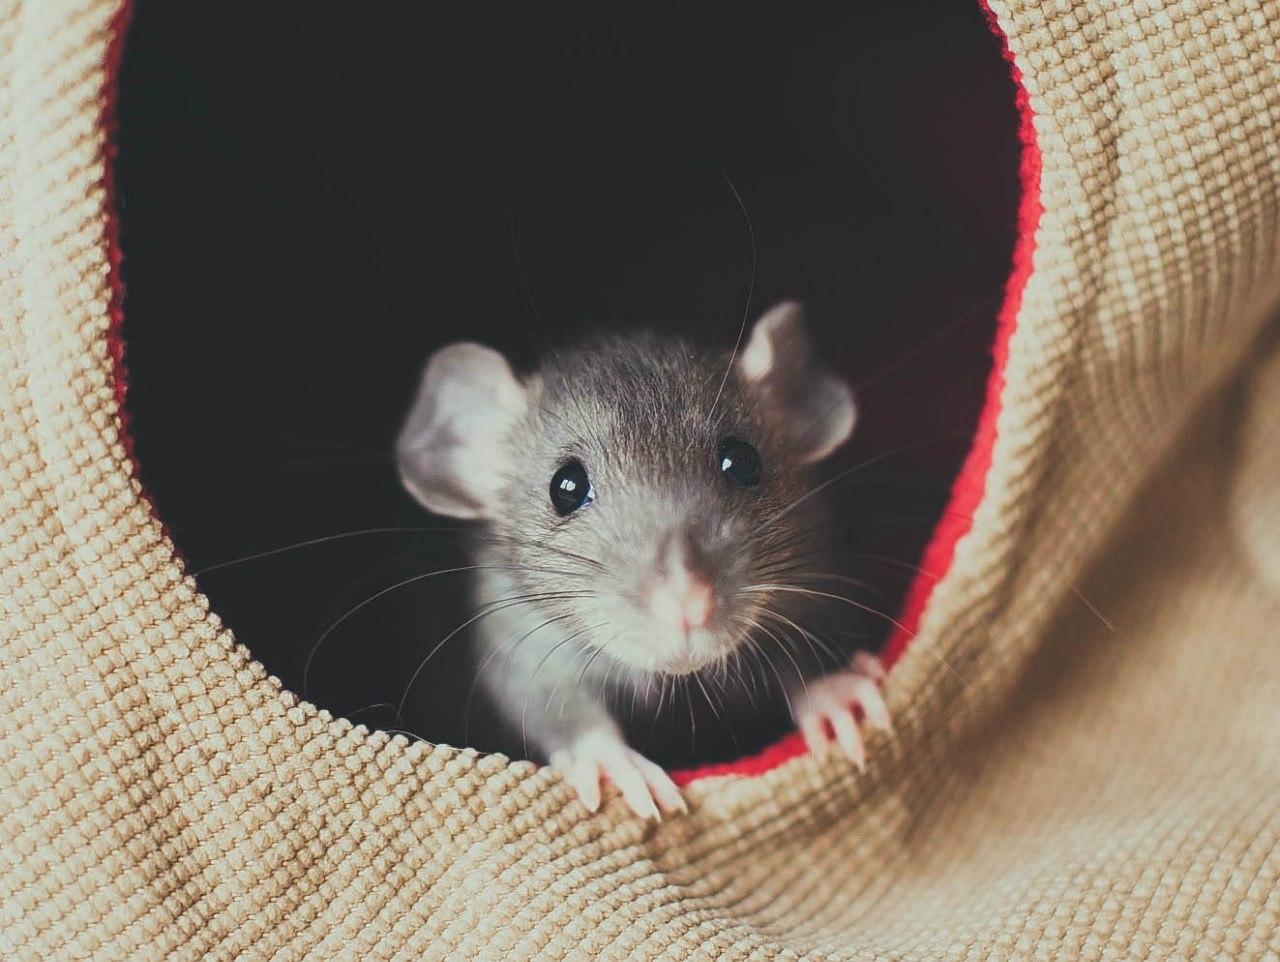 Как назвать крысу. Возможно эта статья поможет Вам найти имя для крысы.